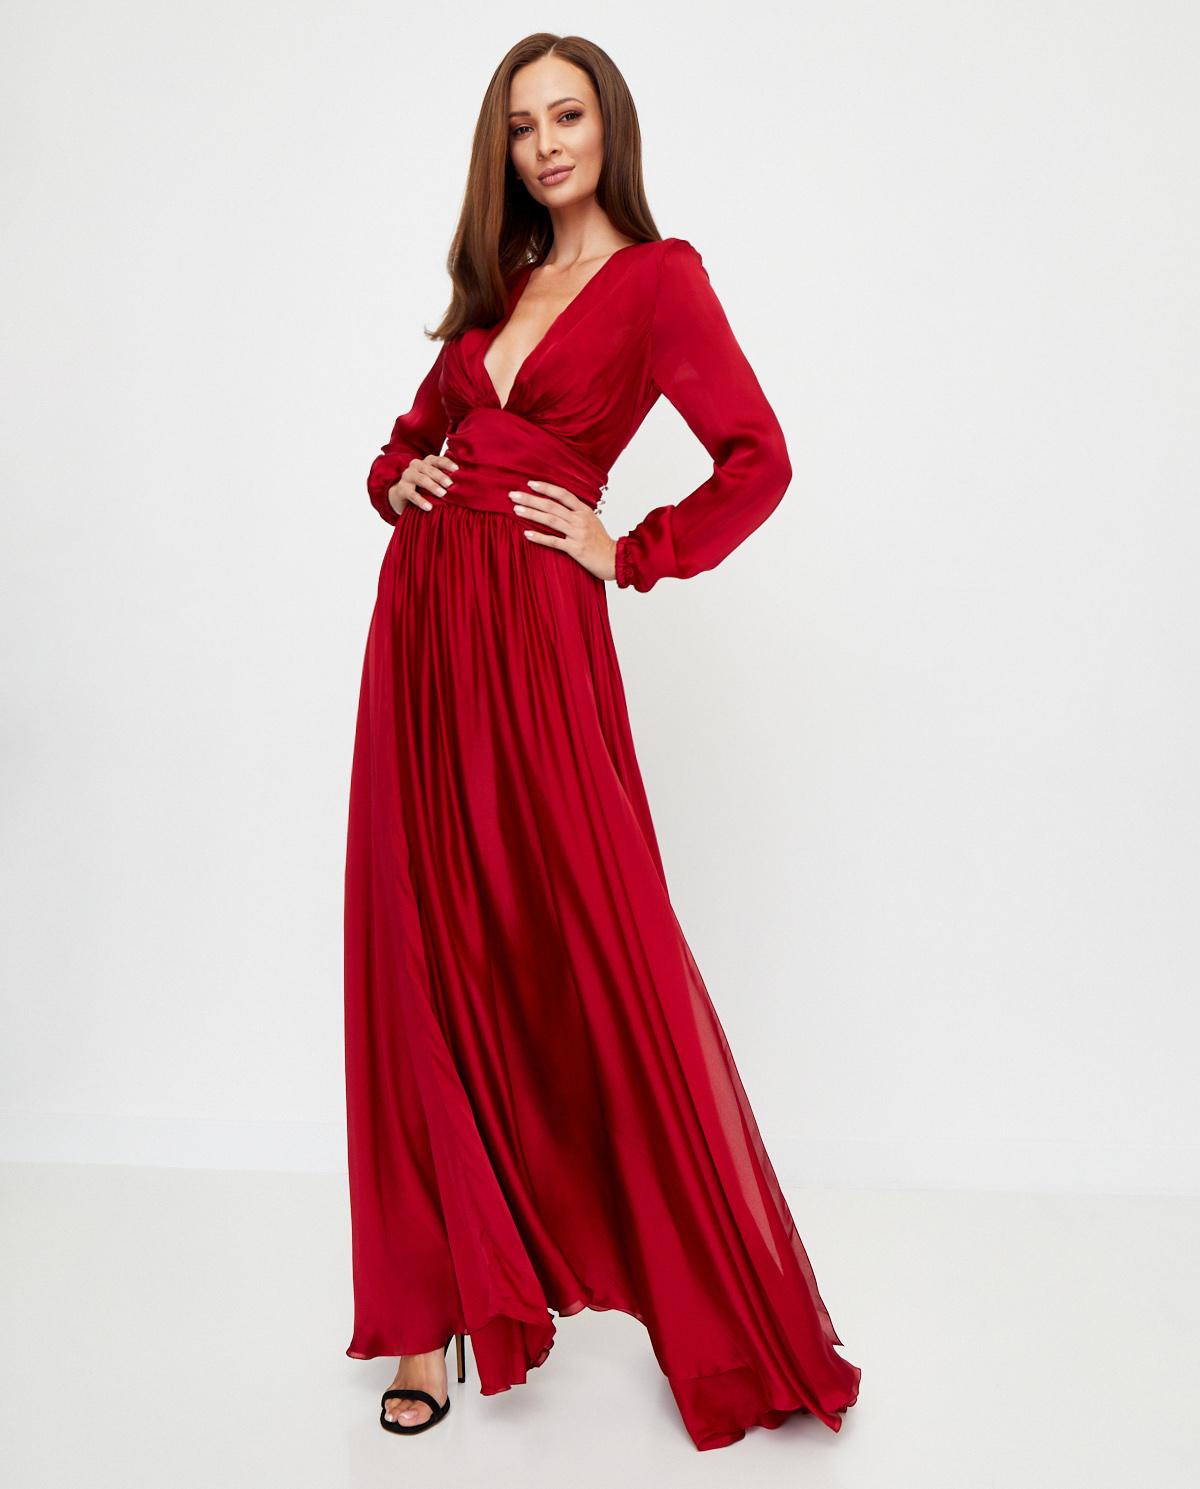 czerwona sukienka z kryształami Swarovskiego Alexandre Vauthier 203DR1346 0193-1103 LACQUER